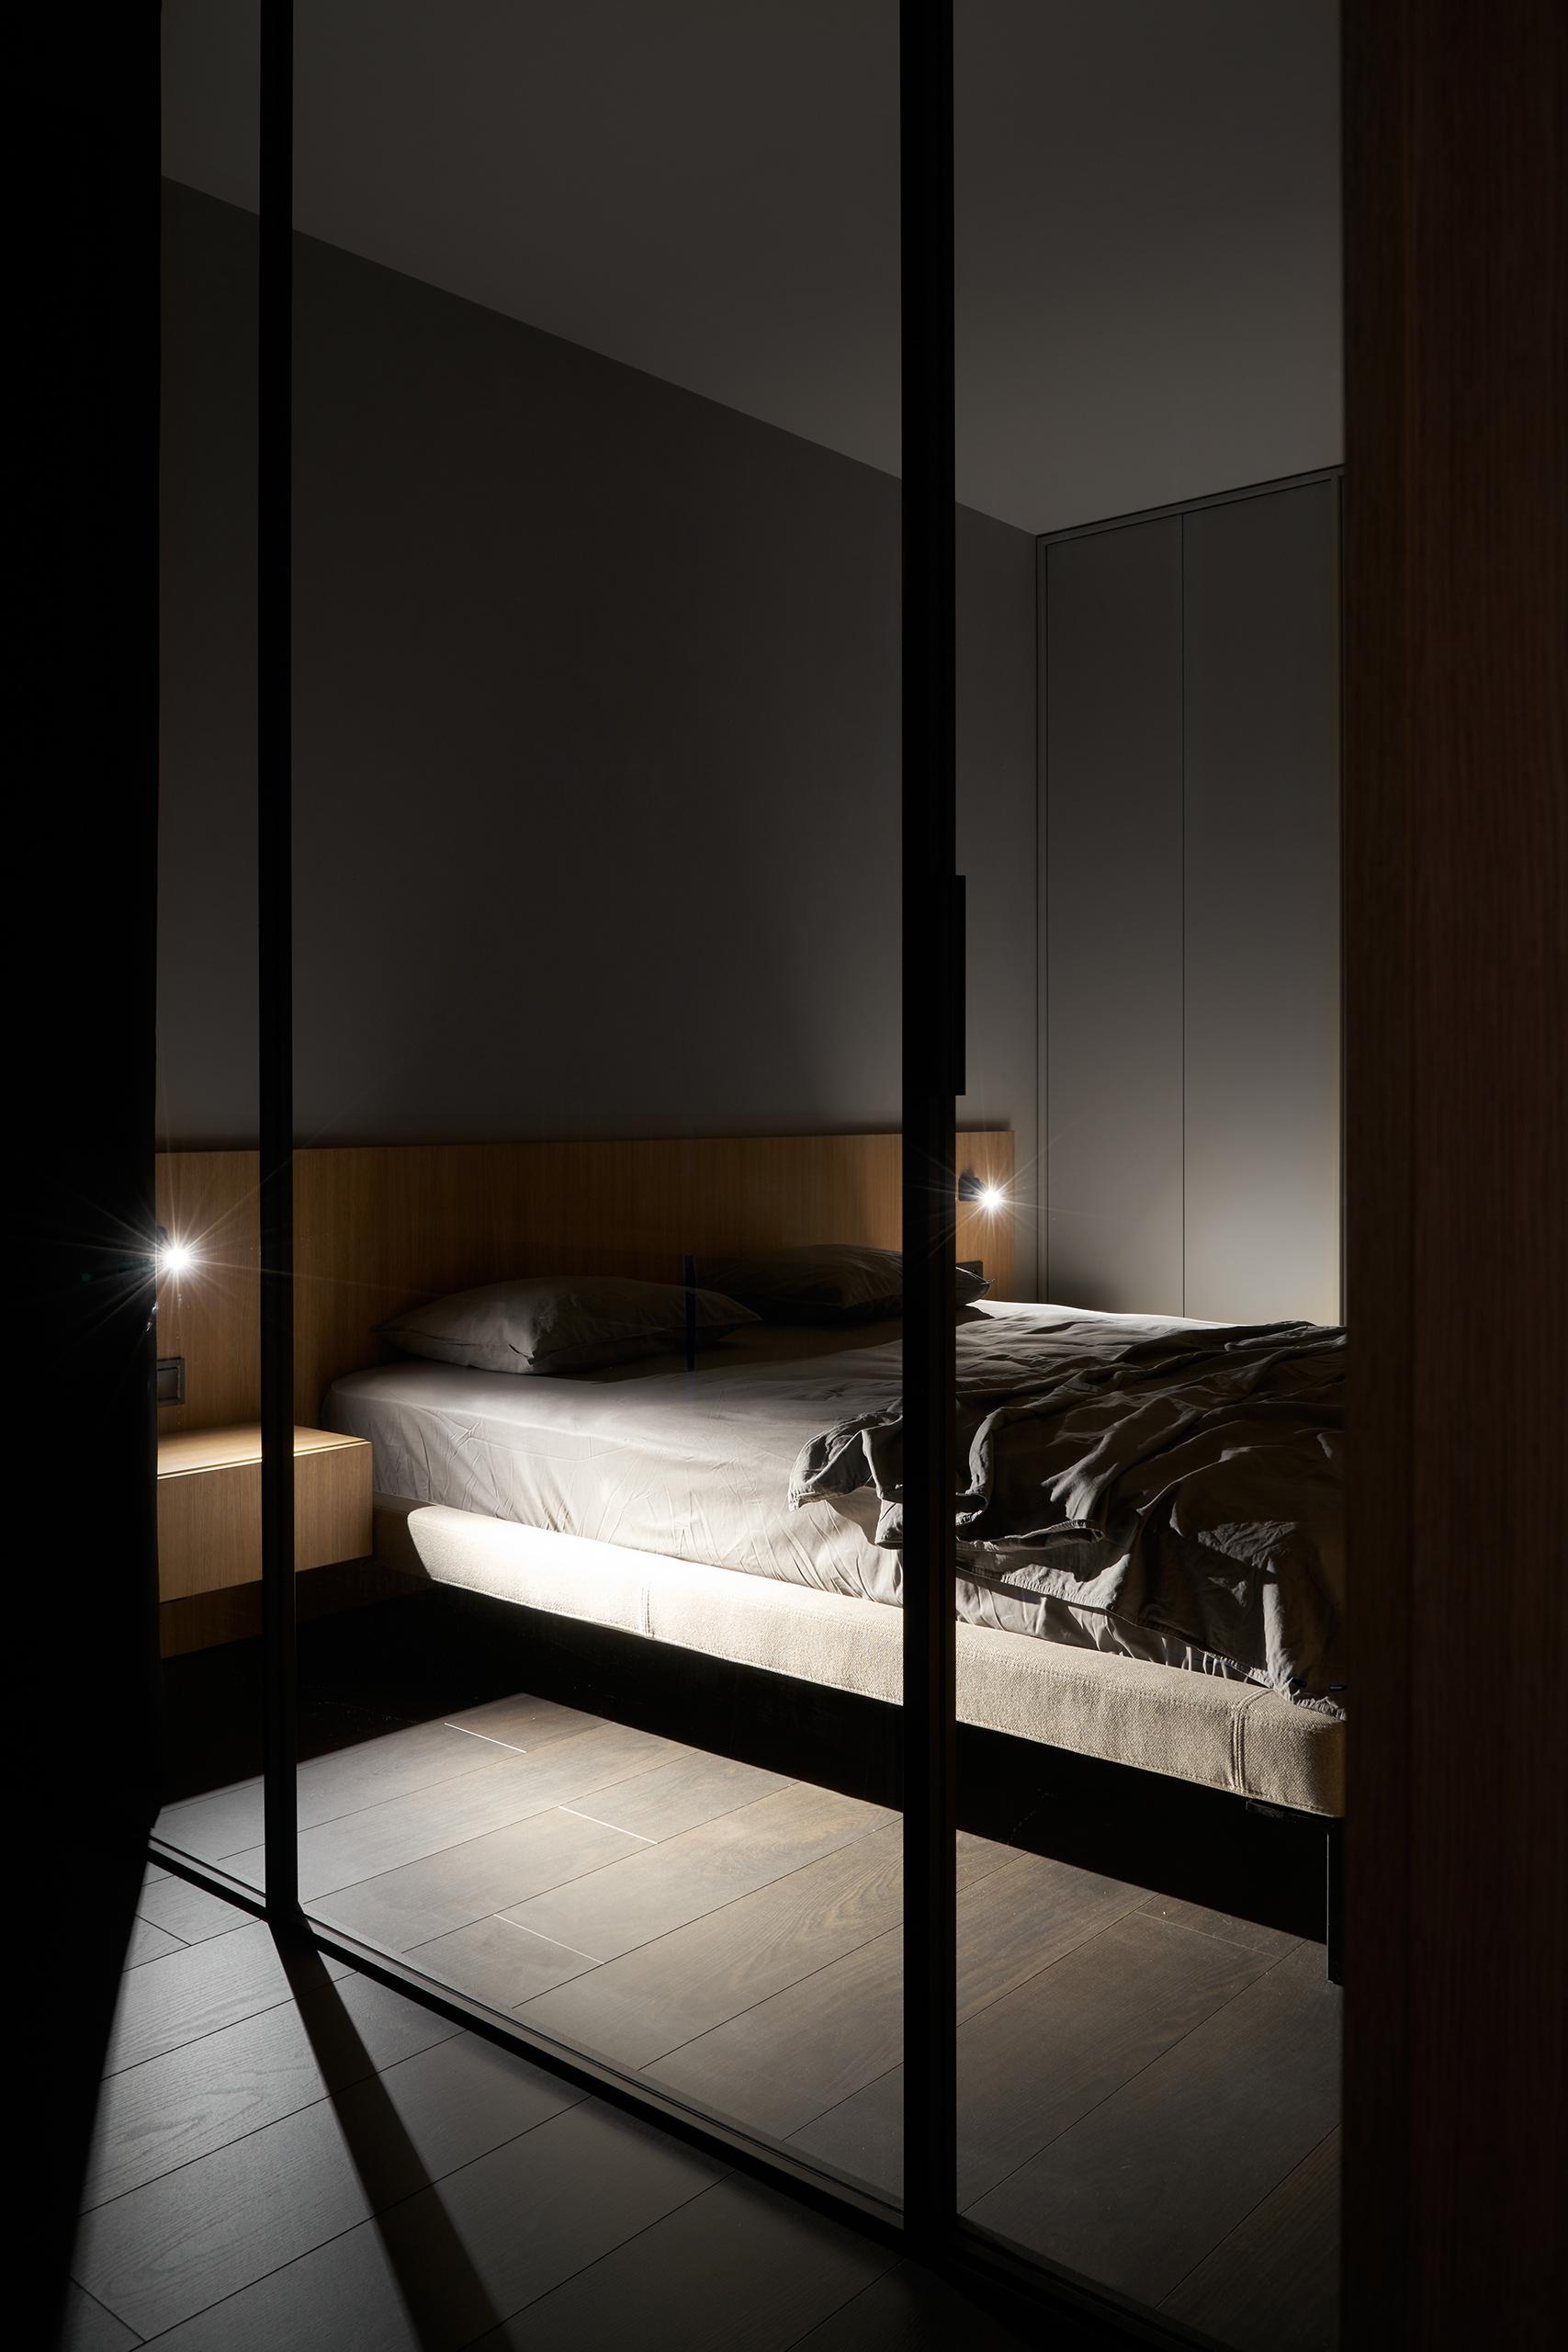 Фотосъемка интерьера спальни в вечернее время